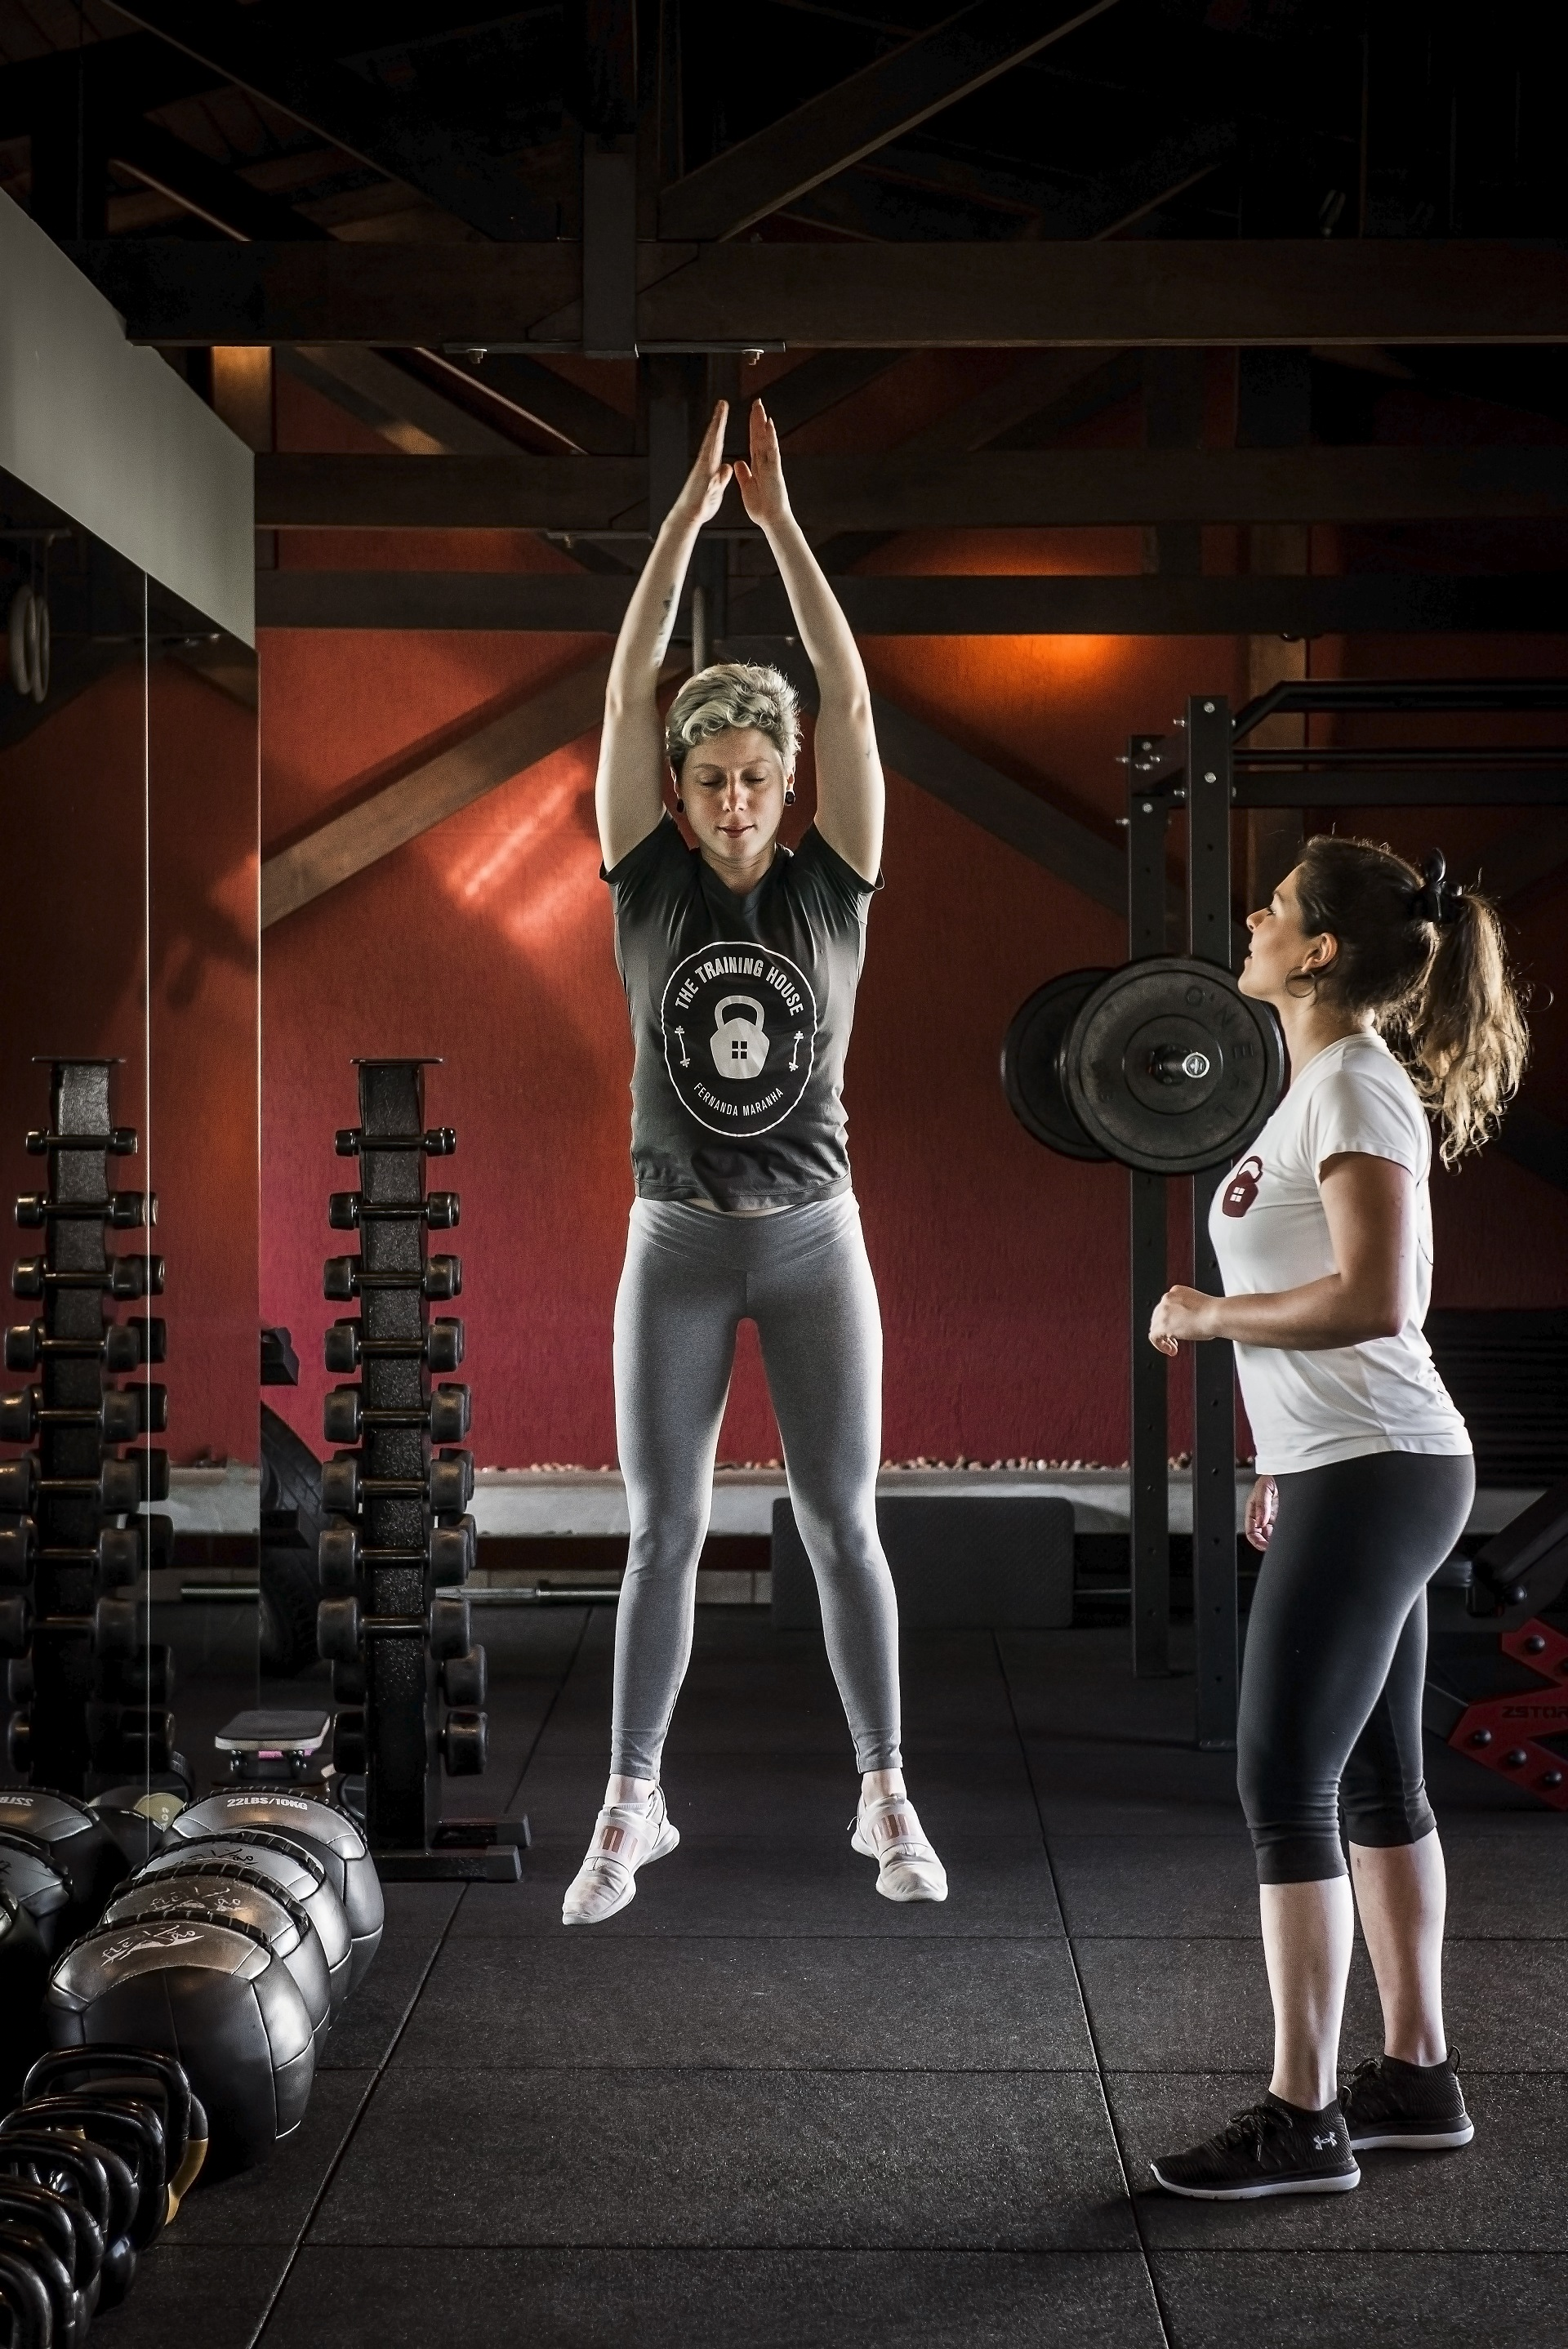 HIIT é uma das tendências em alta, assim como ter um personal trainer para atendimento individual ou em pequenos grupos. Foto: Letícia Akemi/Gazeta do Povo.